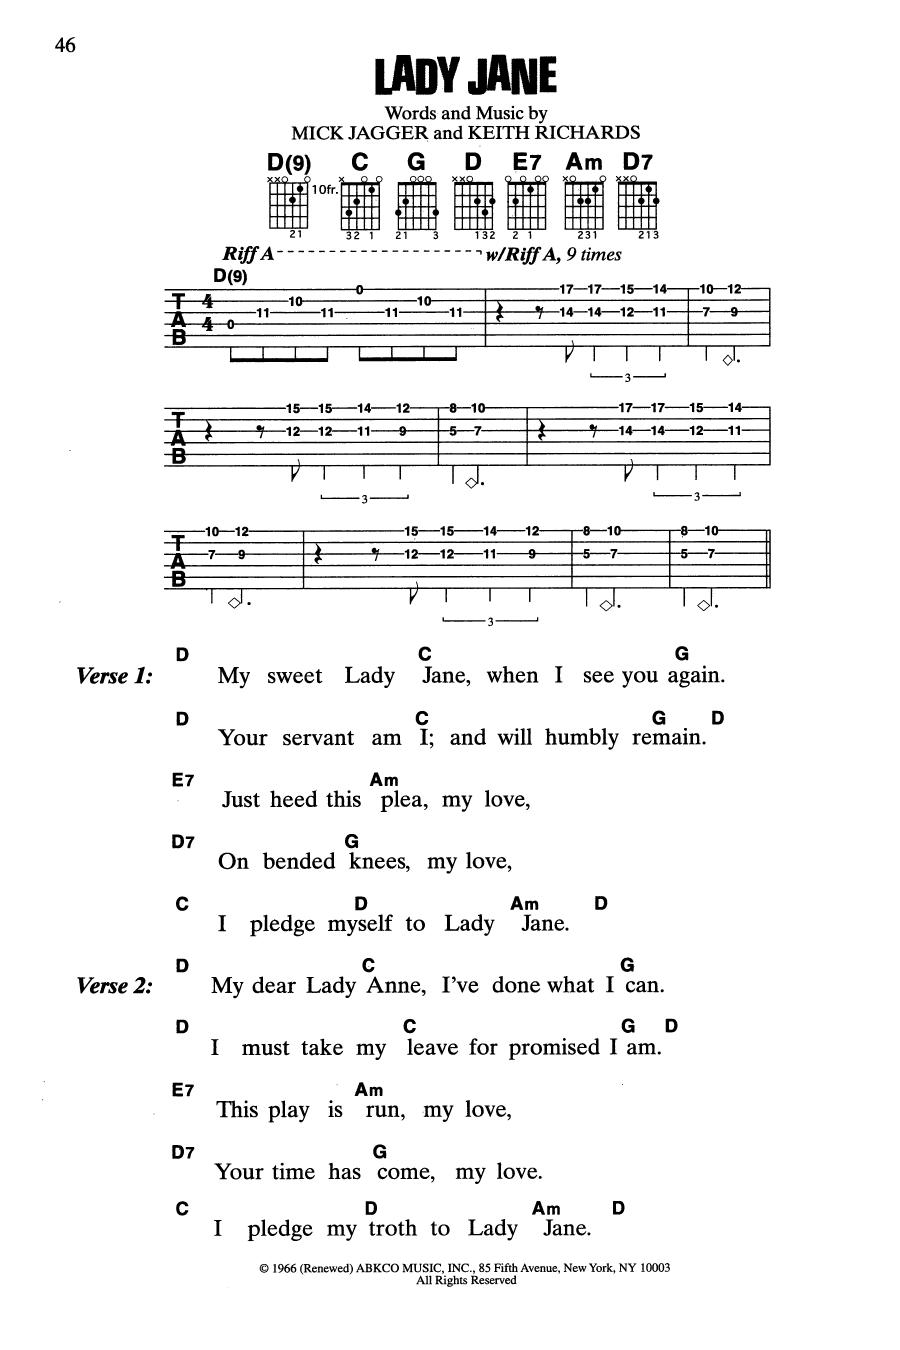 Lady Jane (Guitar Chords/Lyrics)